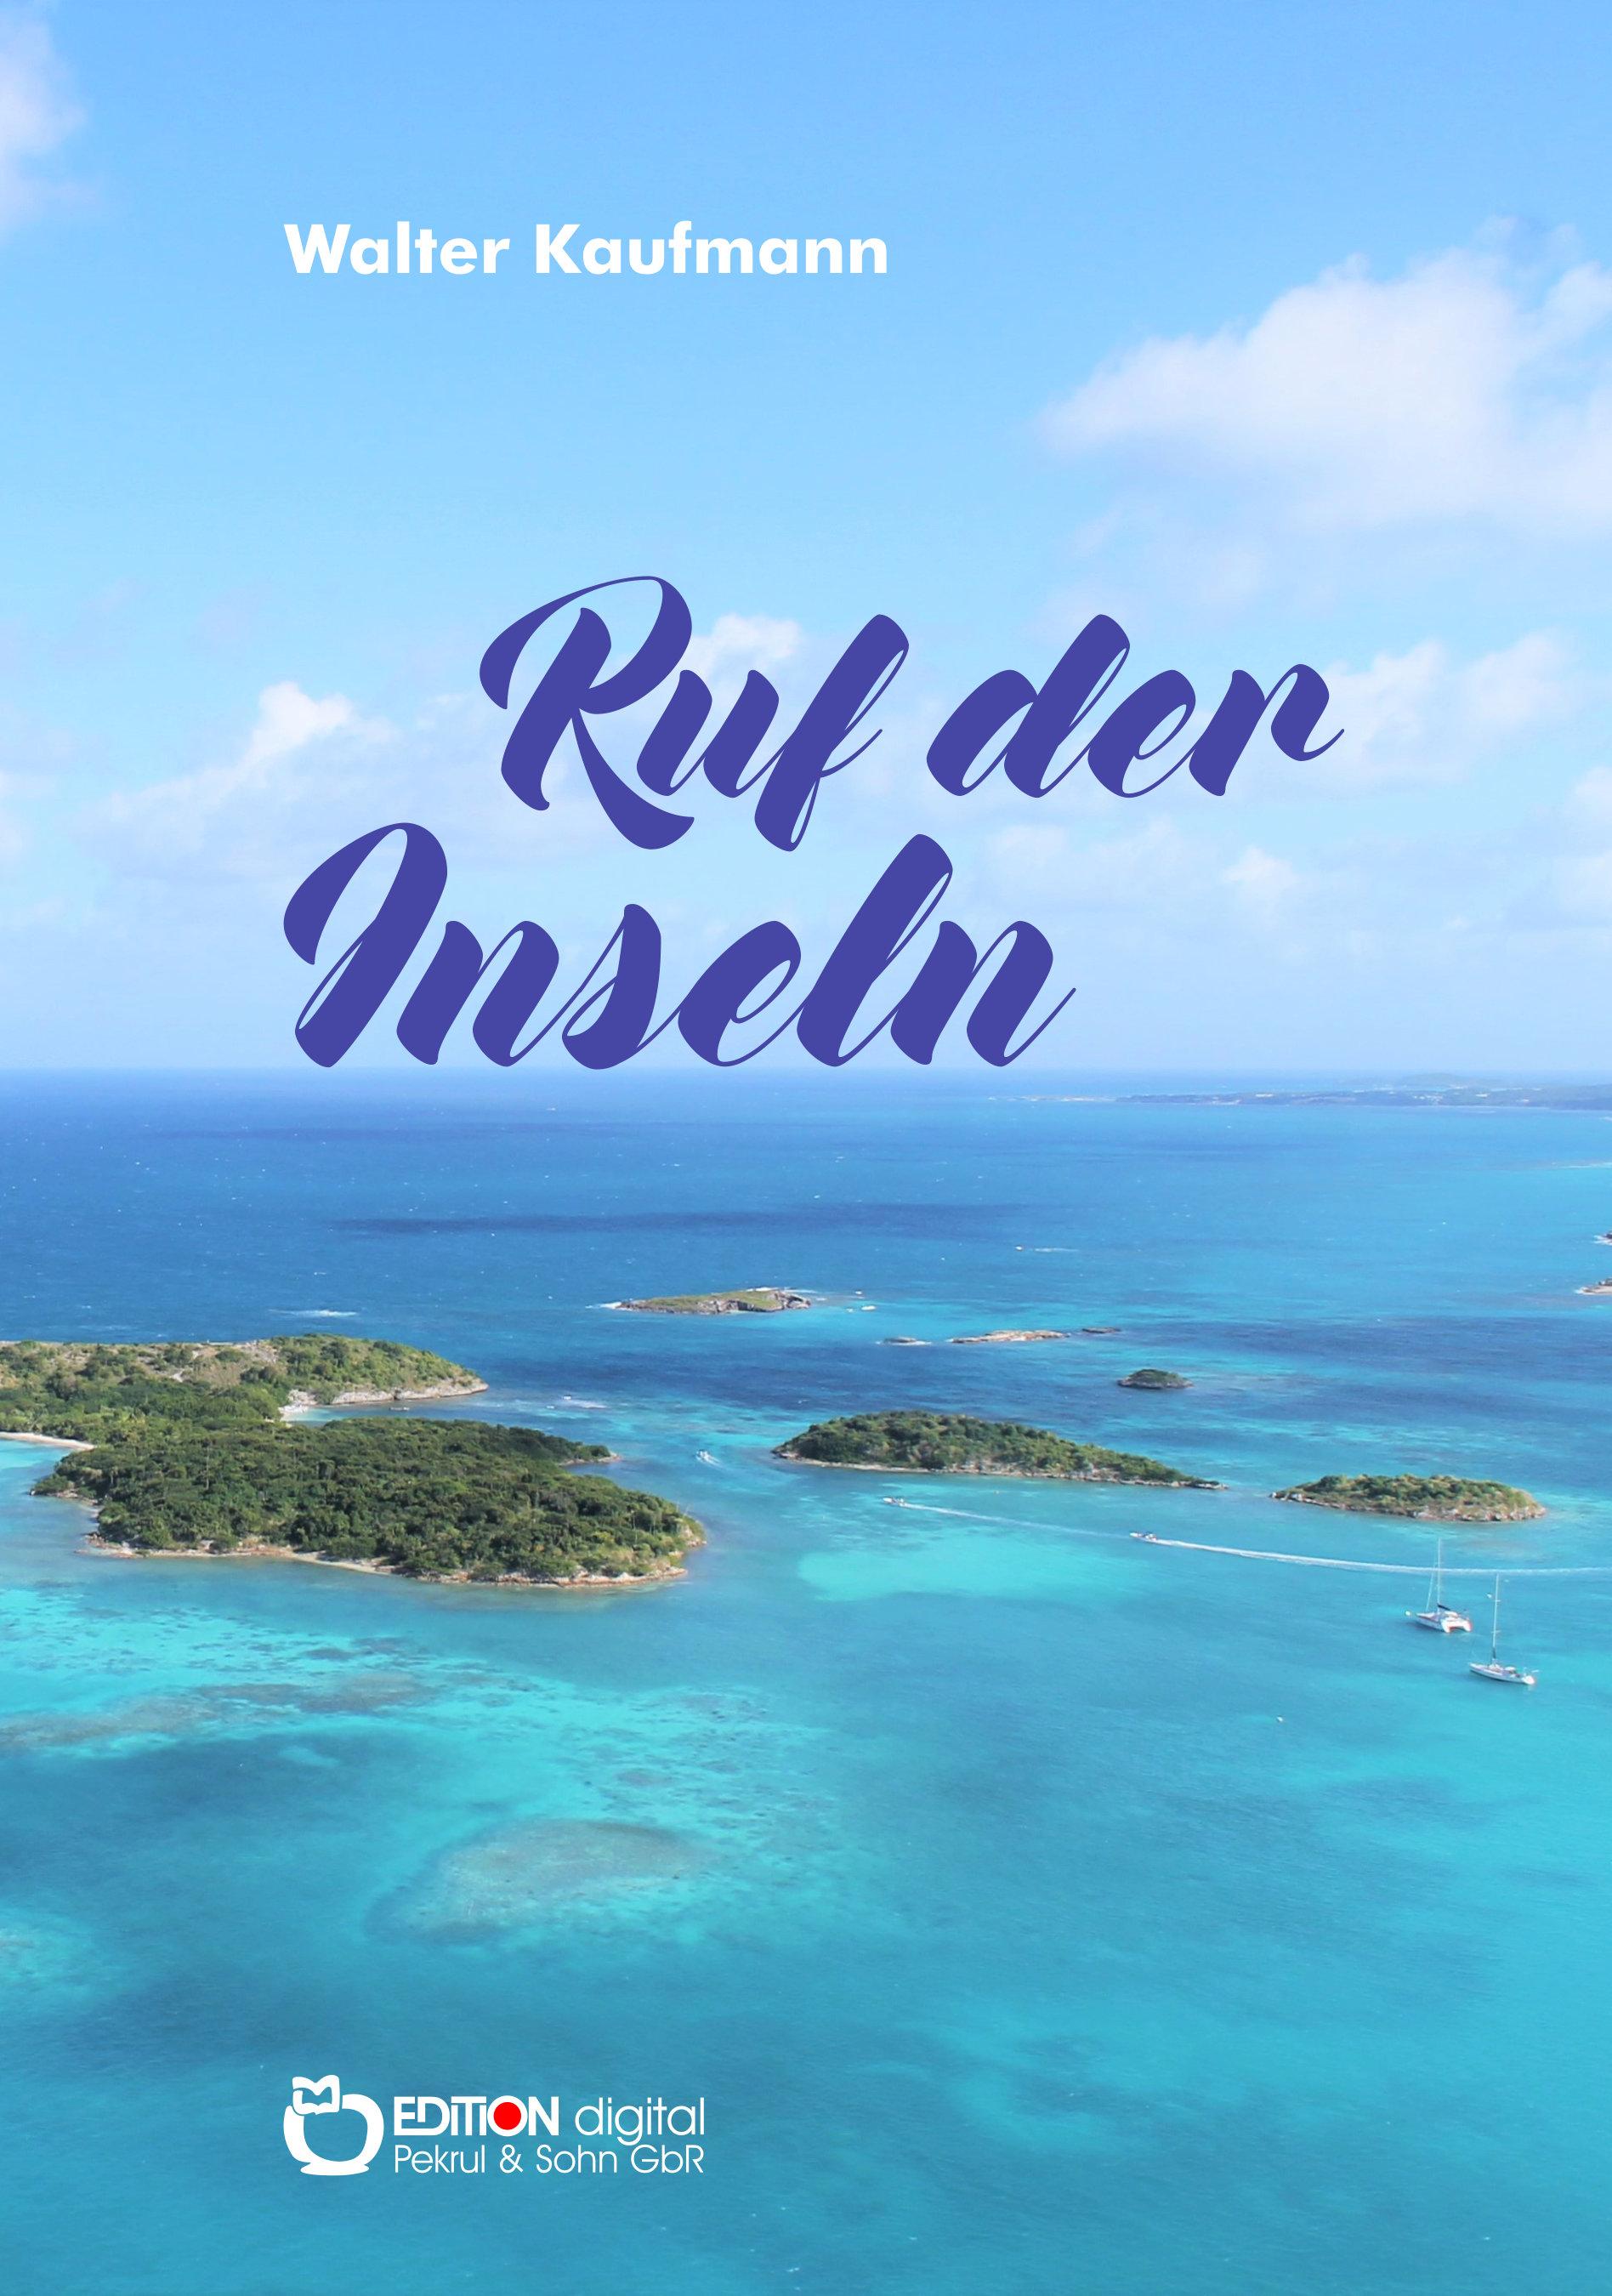 Ruf der Inseln von Walter Kaufmann